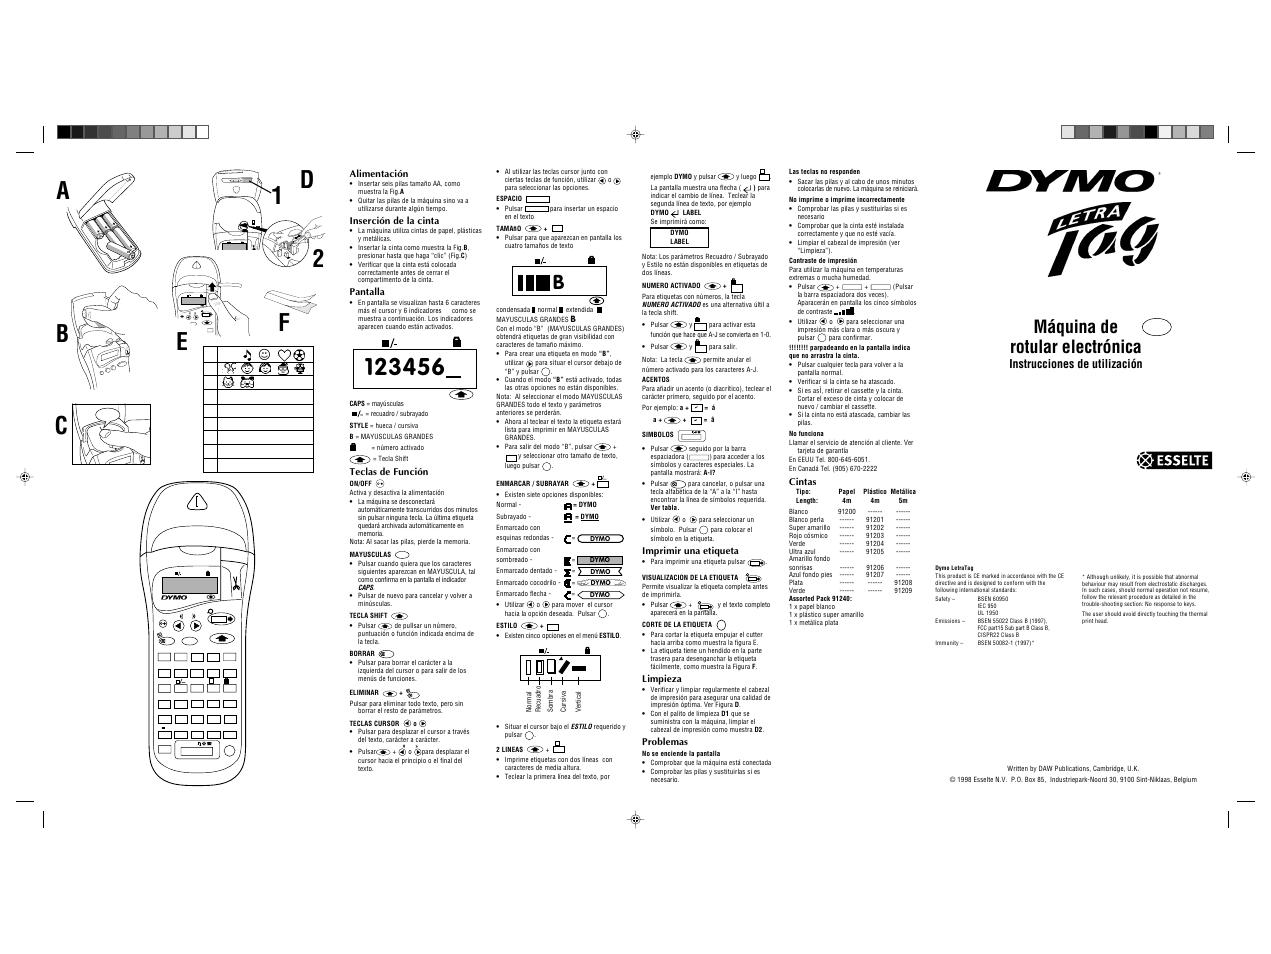 Dymo Letratag 2000 Manual Del Usuario Pginas 1